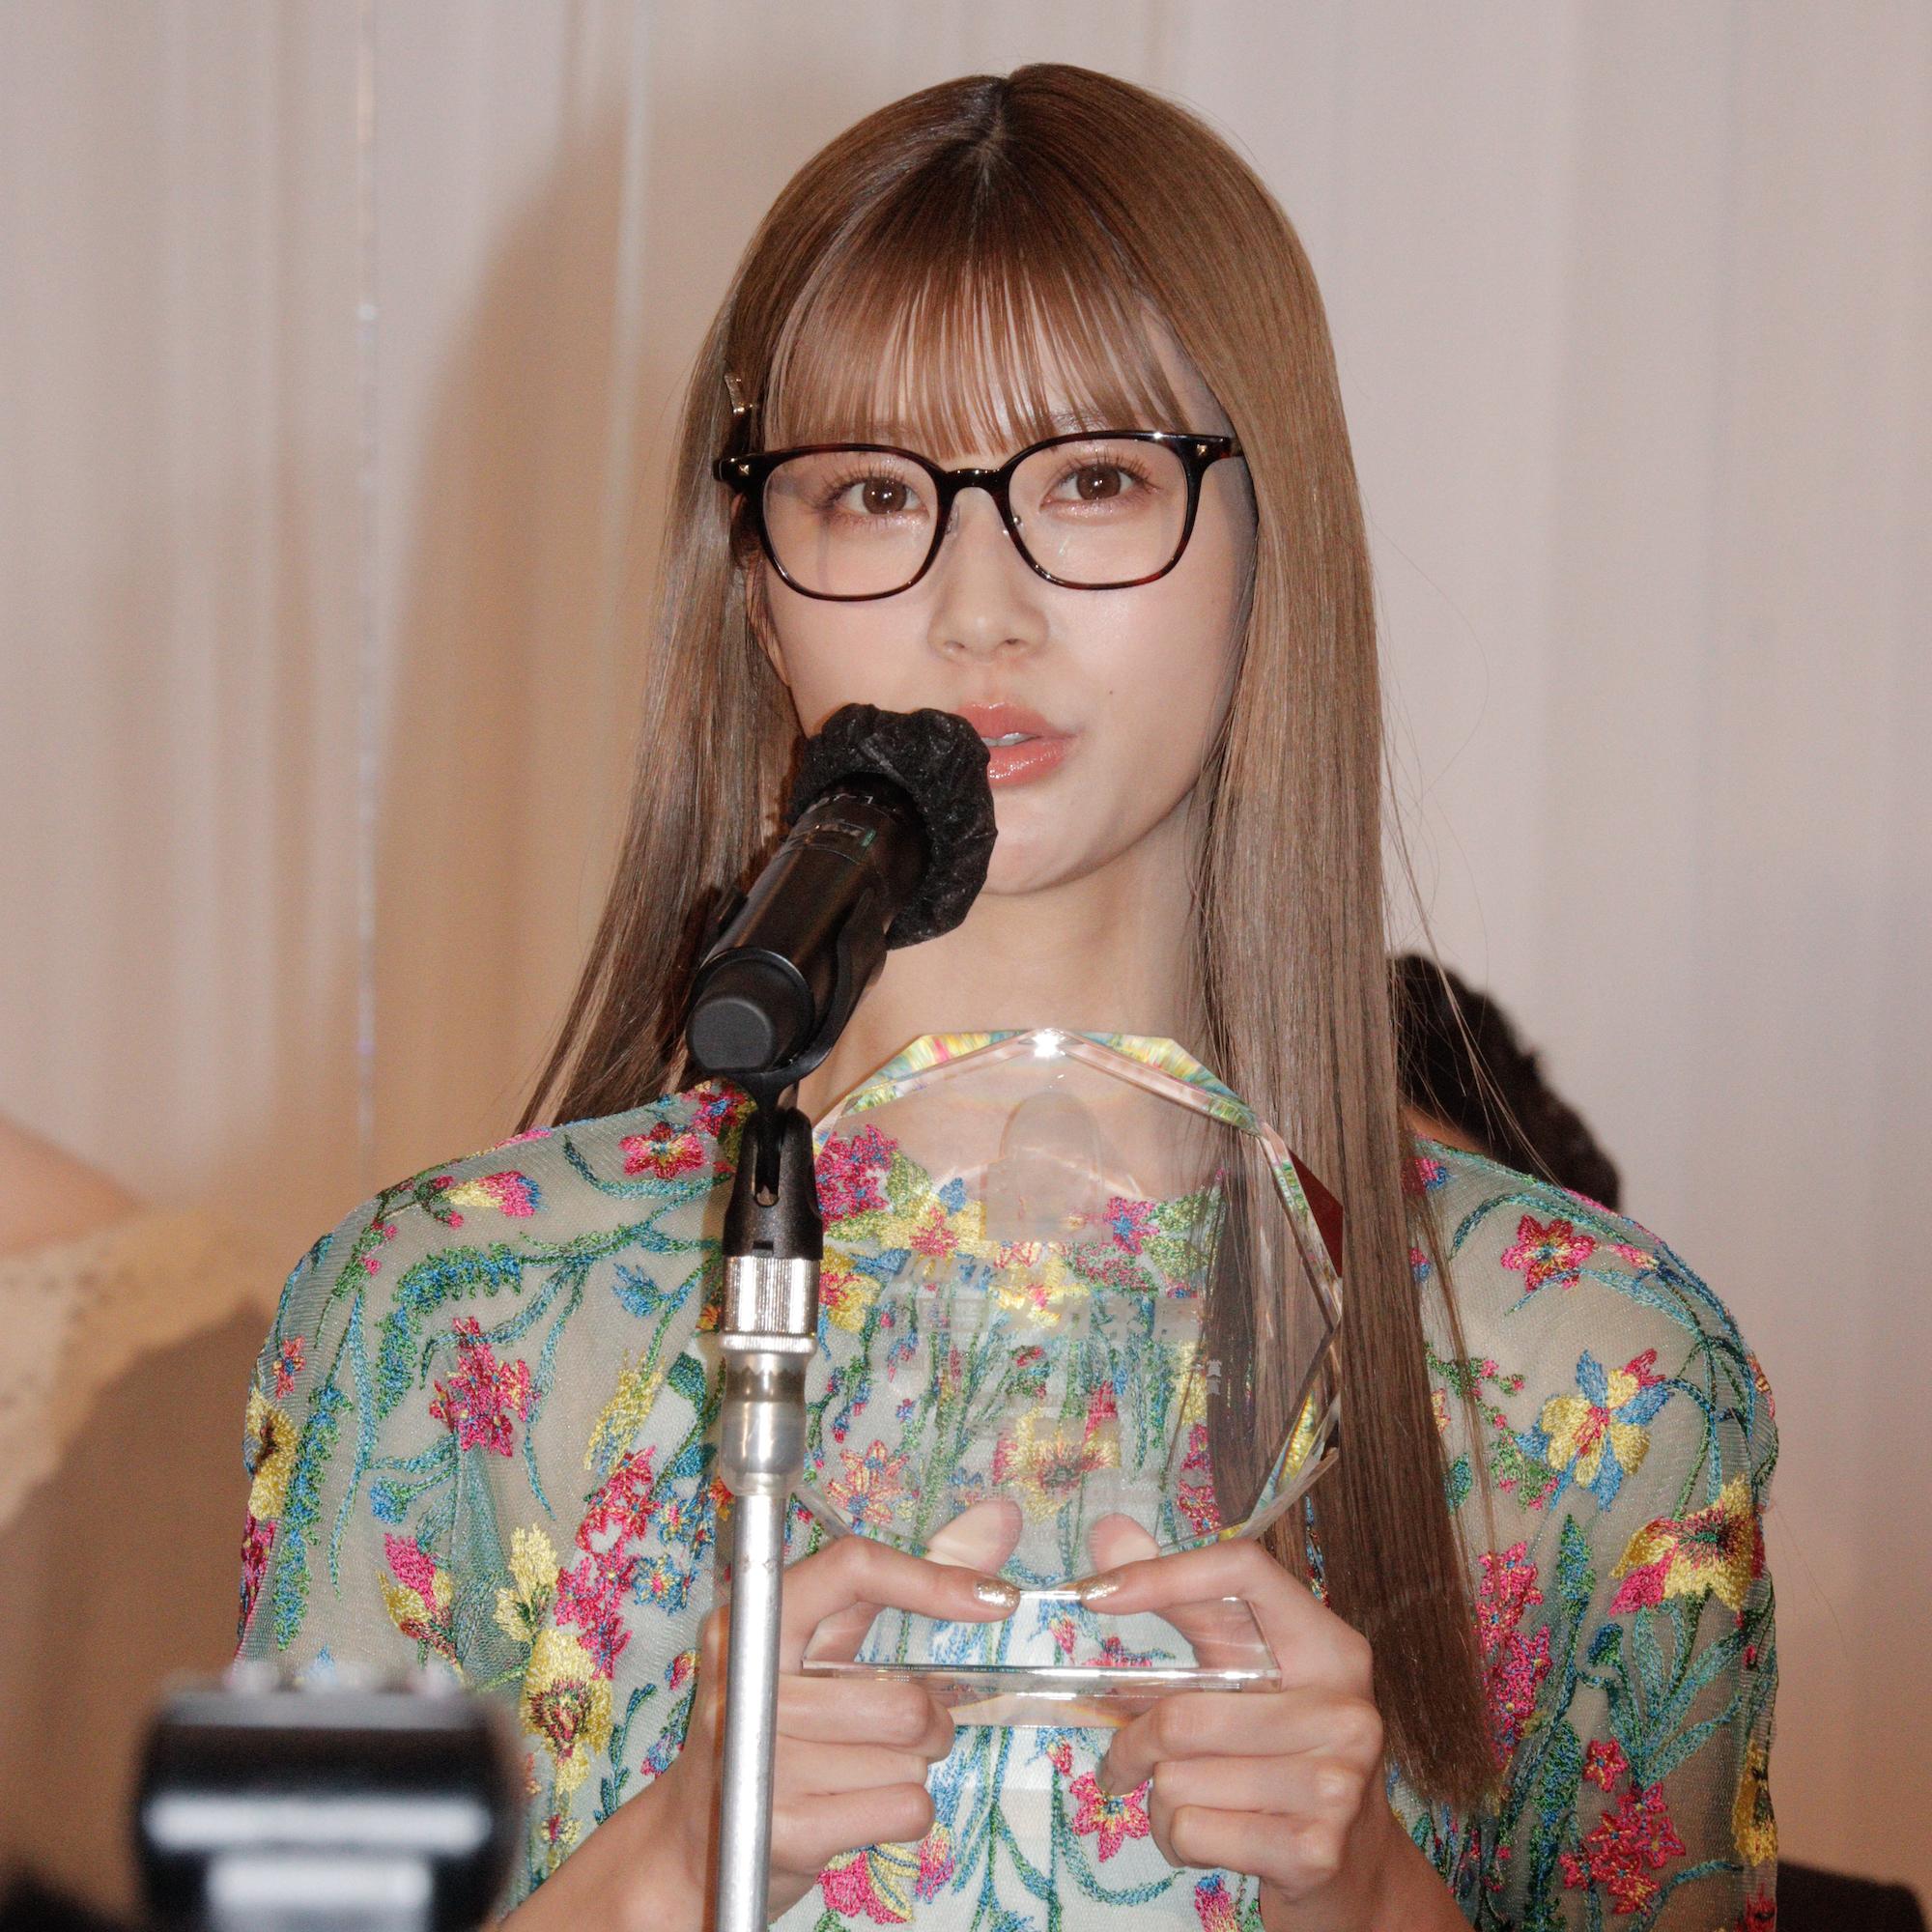 生見愛瑠/2020年10月27日に東京ビッグサイトで開催された「第33回日本メガネベストドレッサー賞」授賞式にて/ACTRESS PRESS編集部